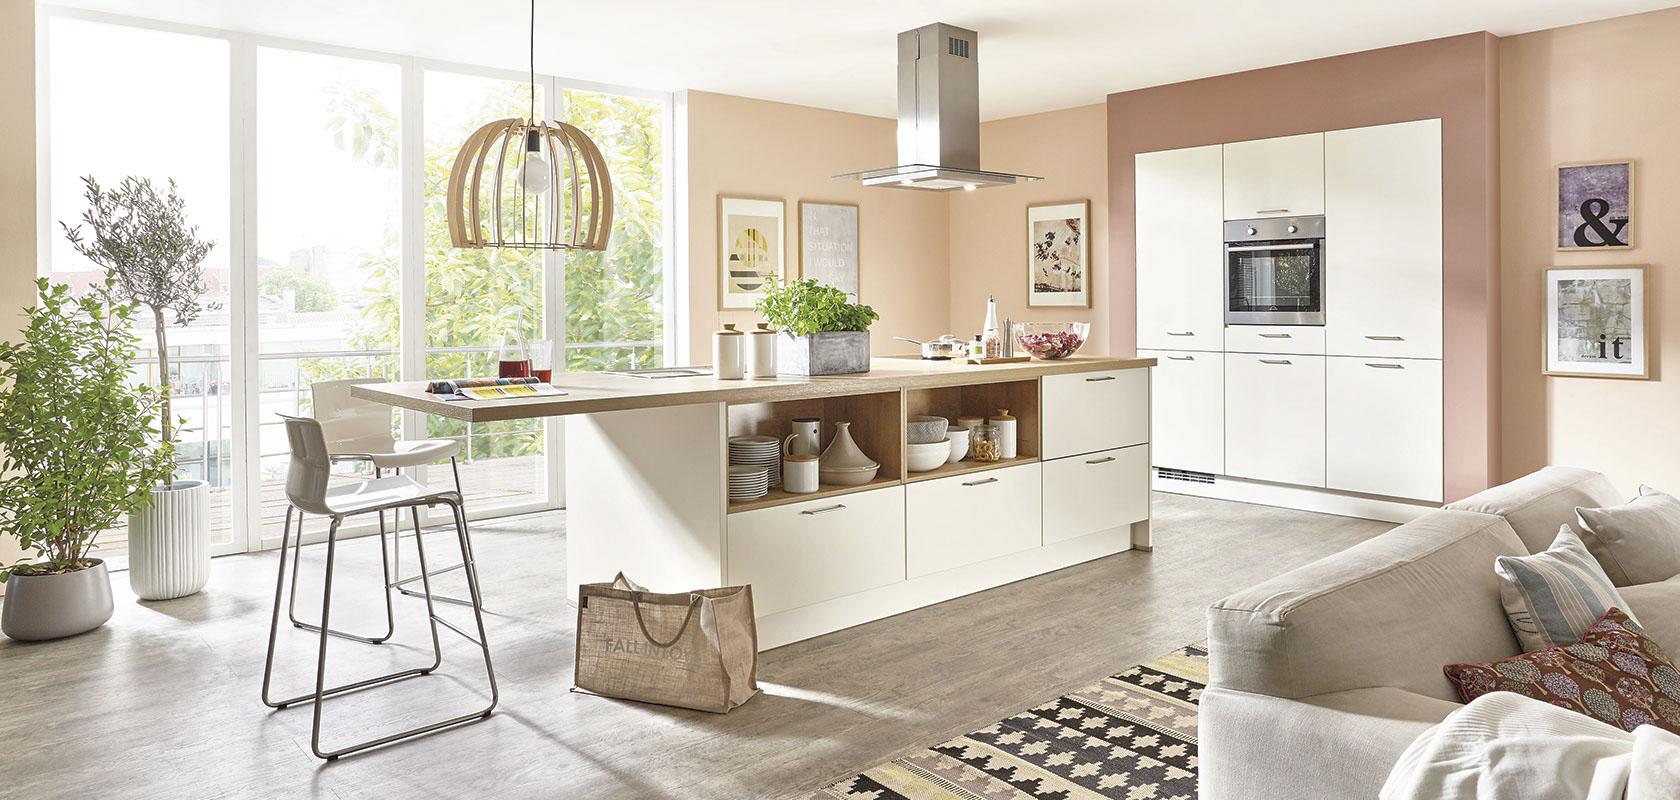 Eine rustikale Küchentheke als Frühstücksbar in moderner Umgebung - hier macht das Frühstücken im Pyjama richtig Spaß.